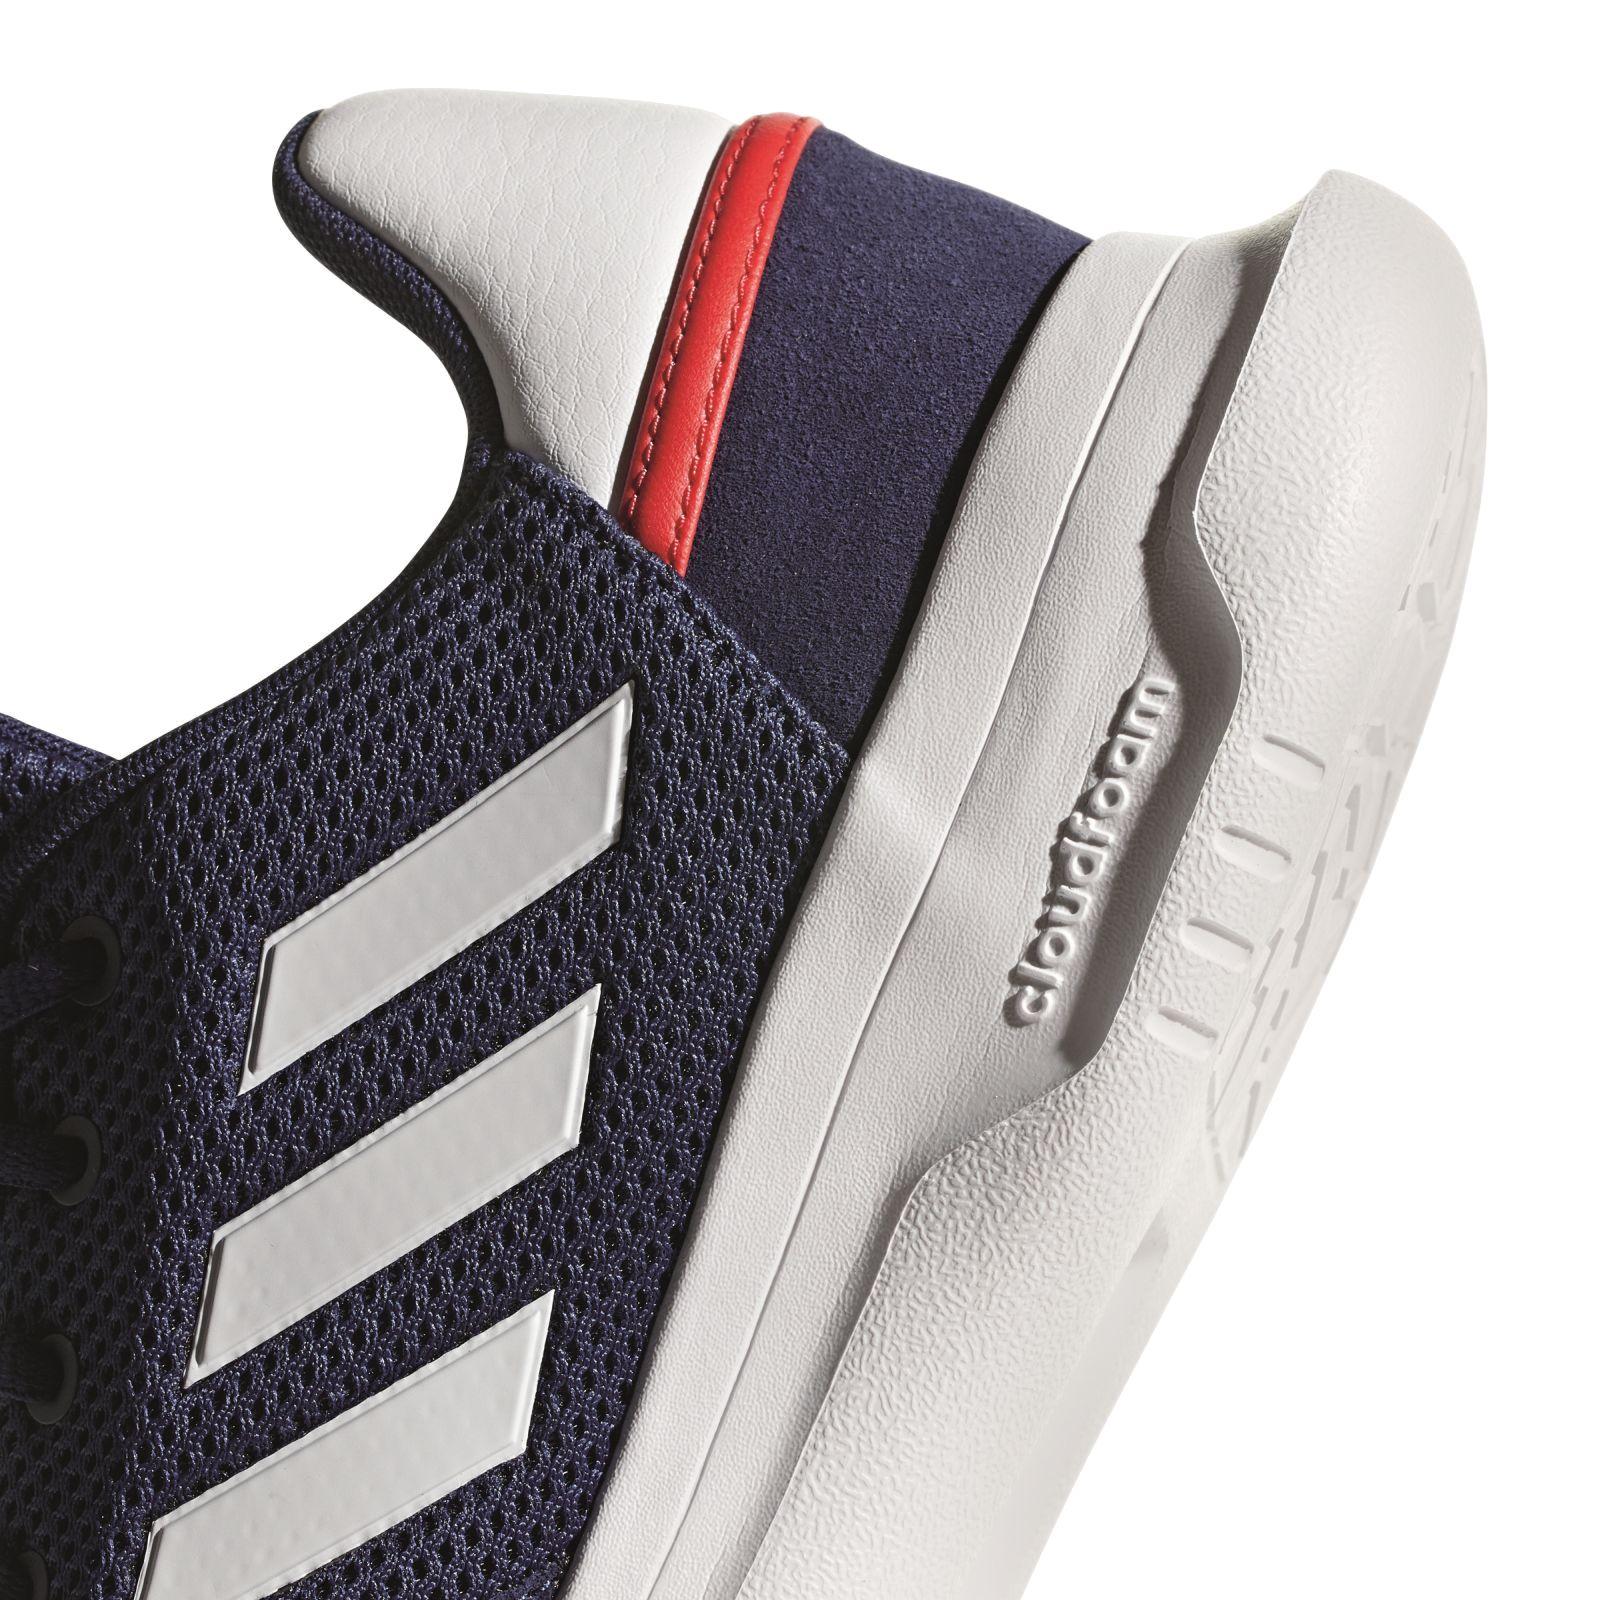 Details zu adidas Performance Herren Freizeit Basketballschuhe Fusion Flow blau weiß